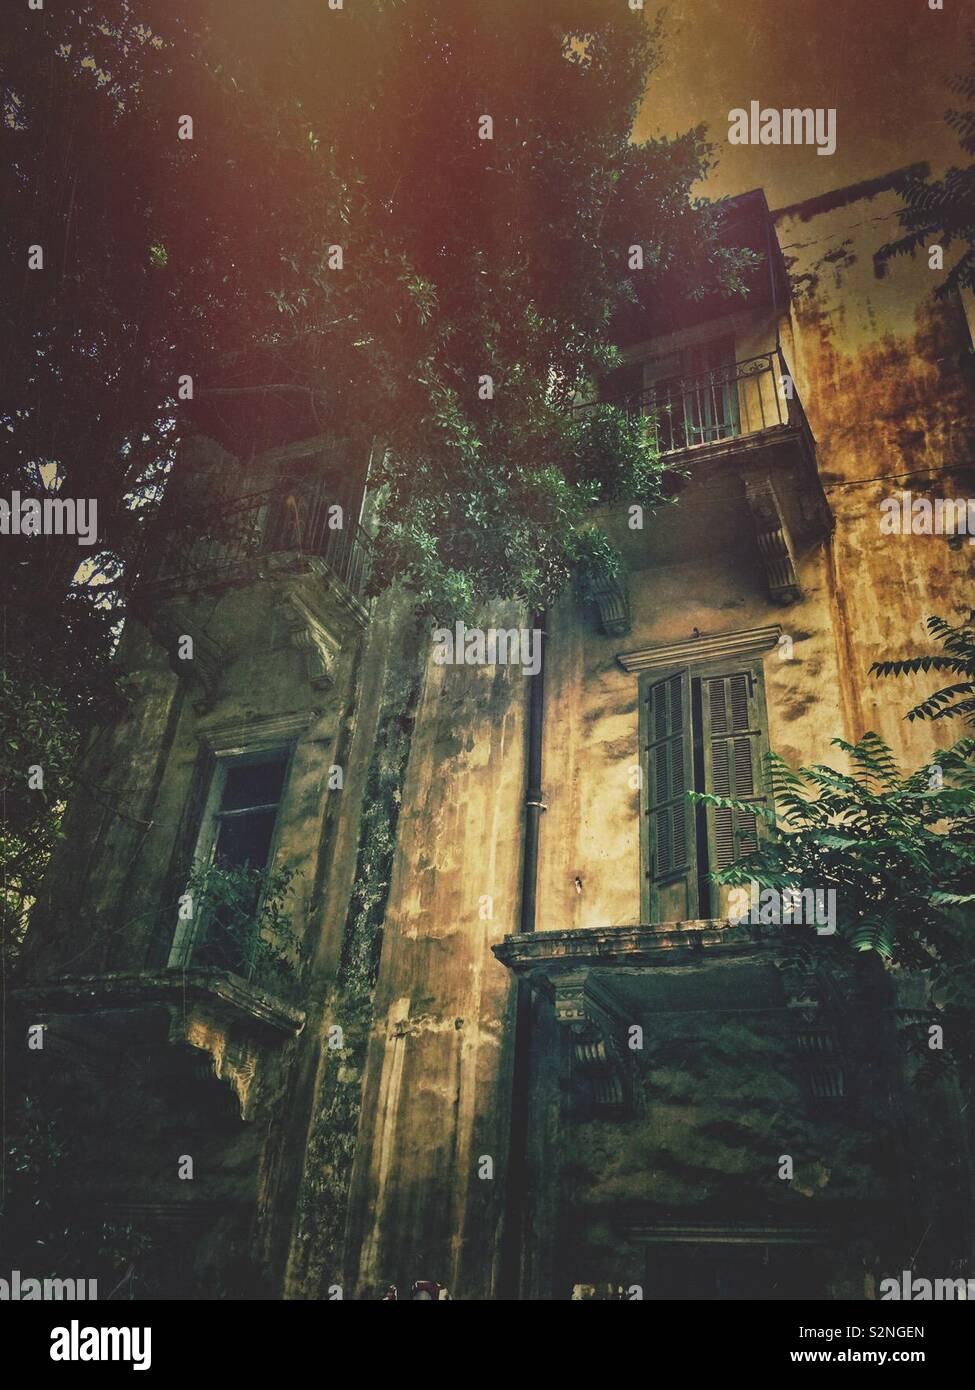 Fachada de edificio abandonado Imagen De Stock